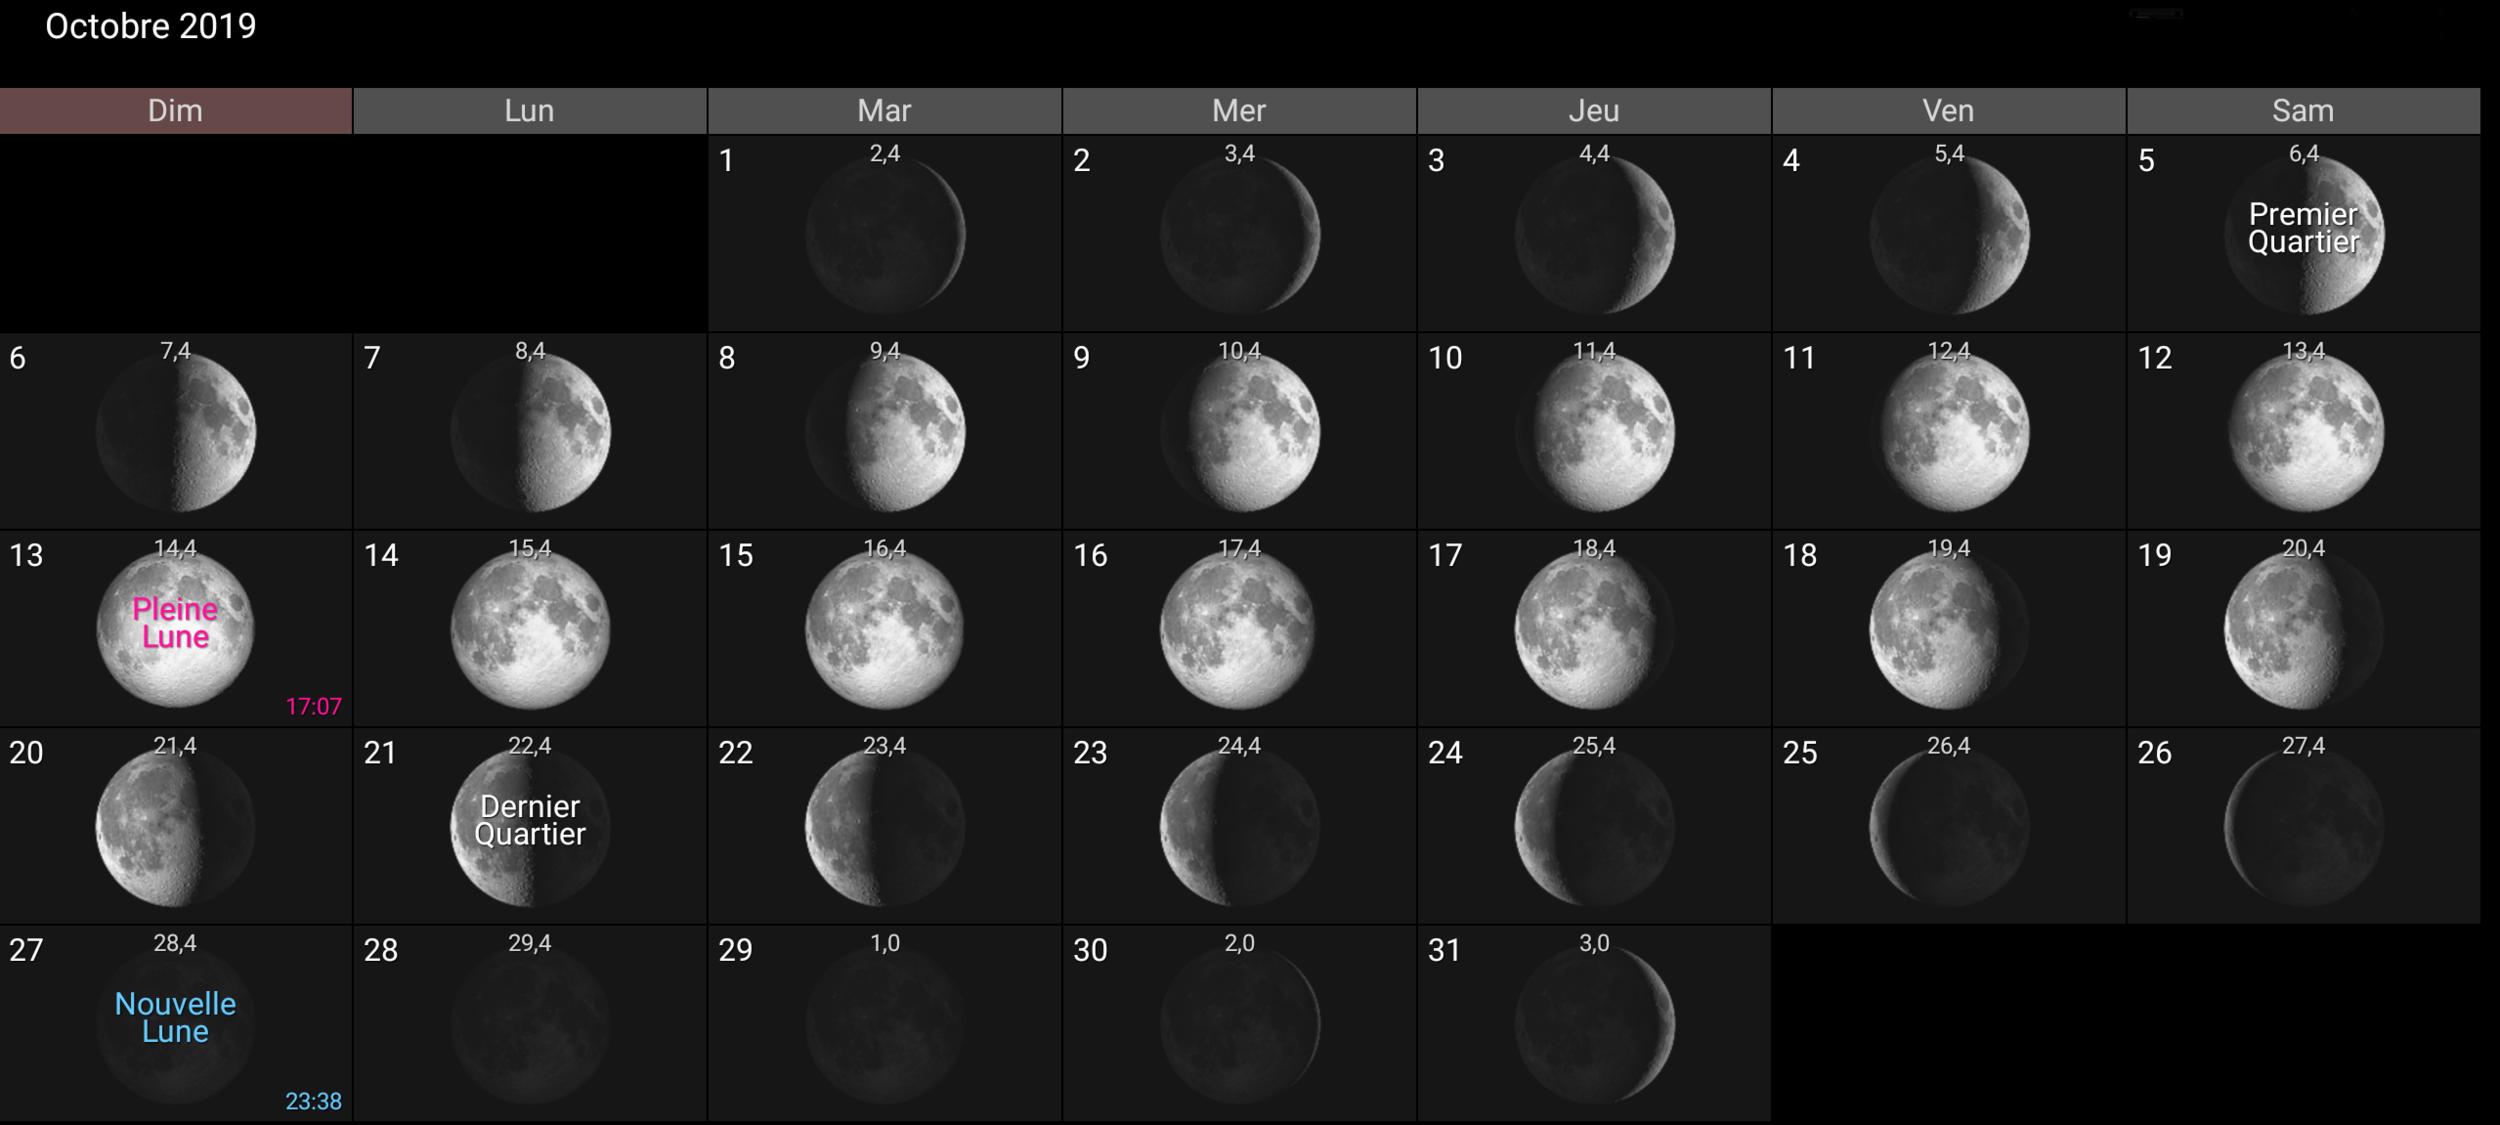 Les phases de la Lune pour le mois d'octobre 2019